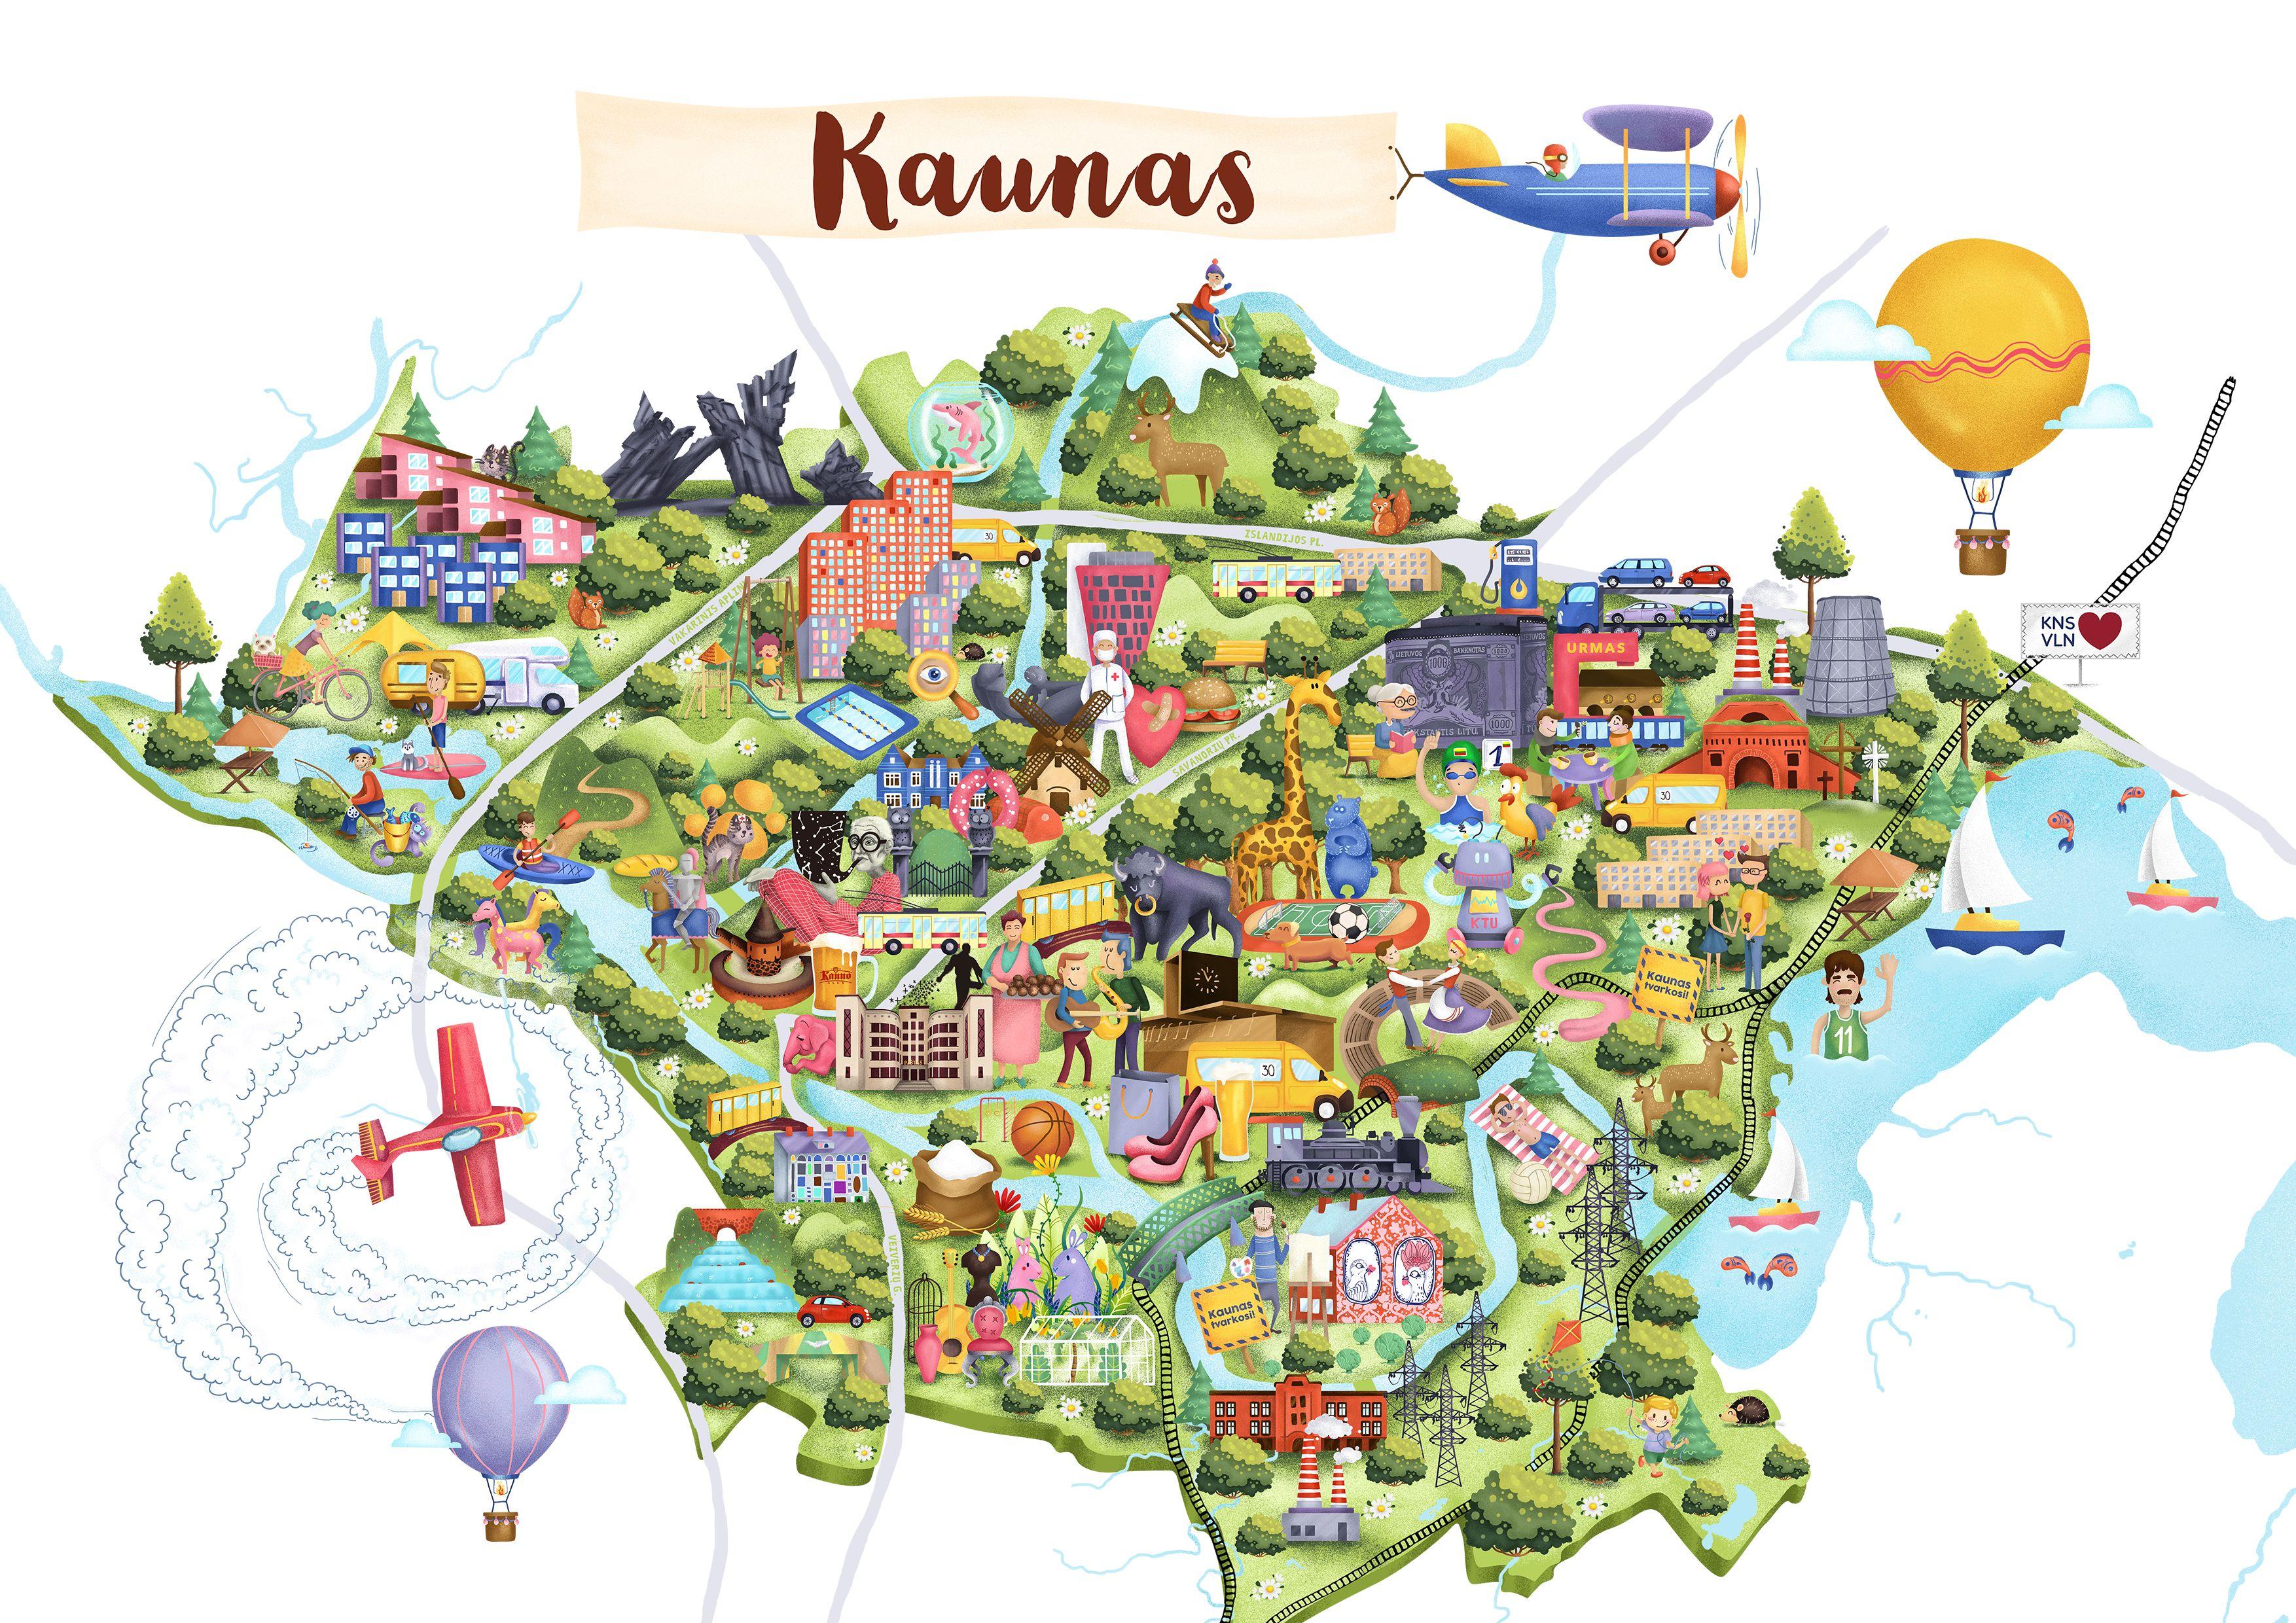 A4 Kaunas Jpg 3508 2480 Kaunas Lithuania